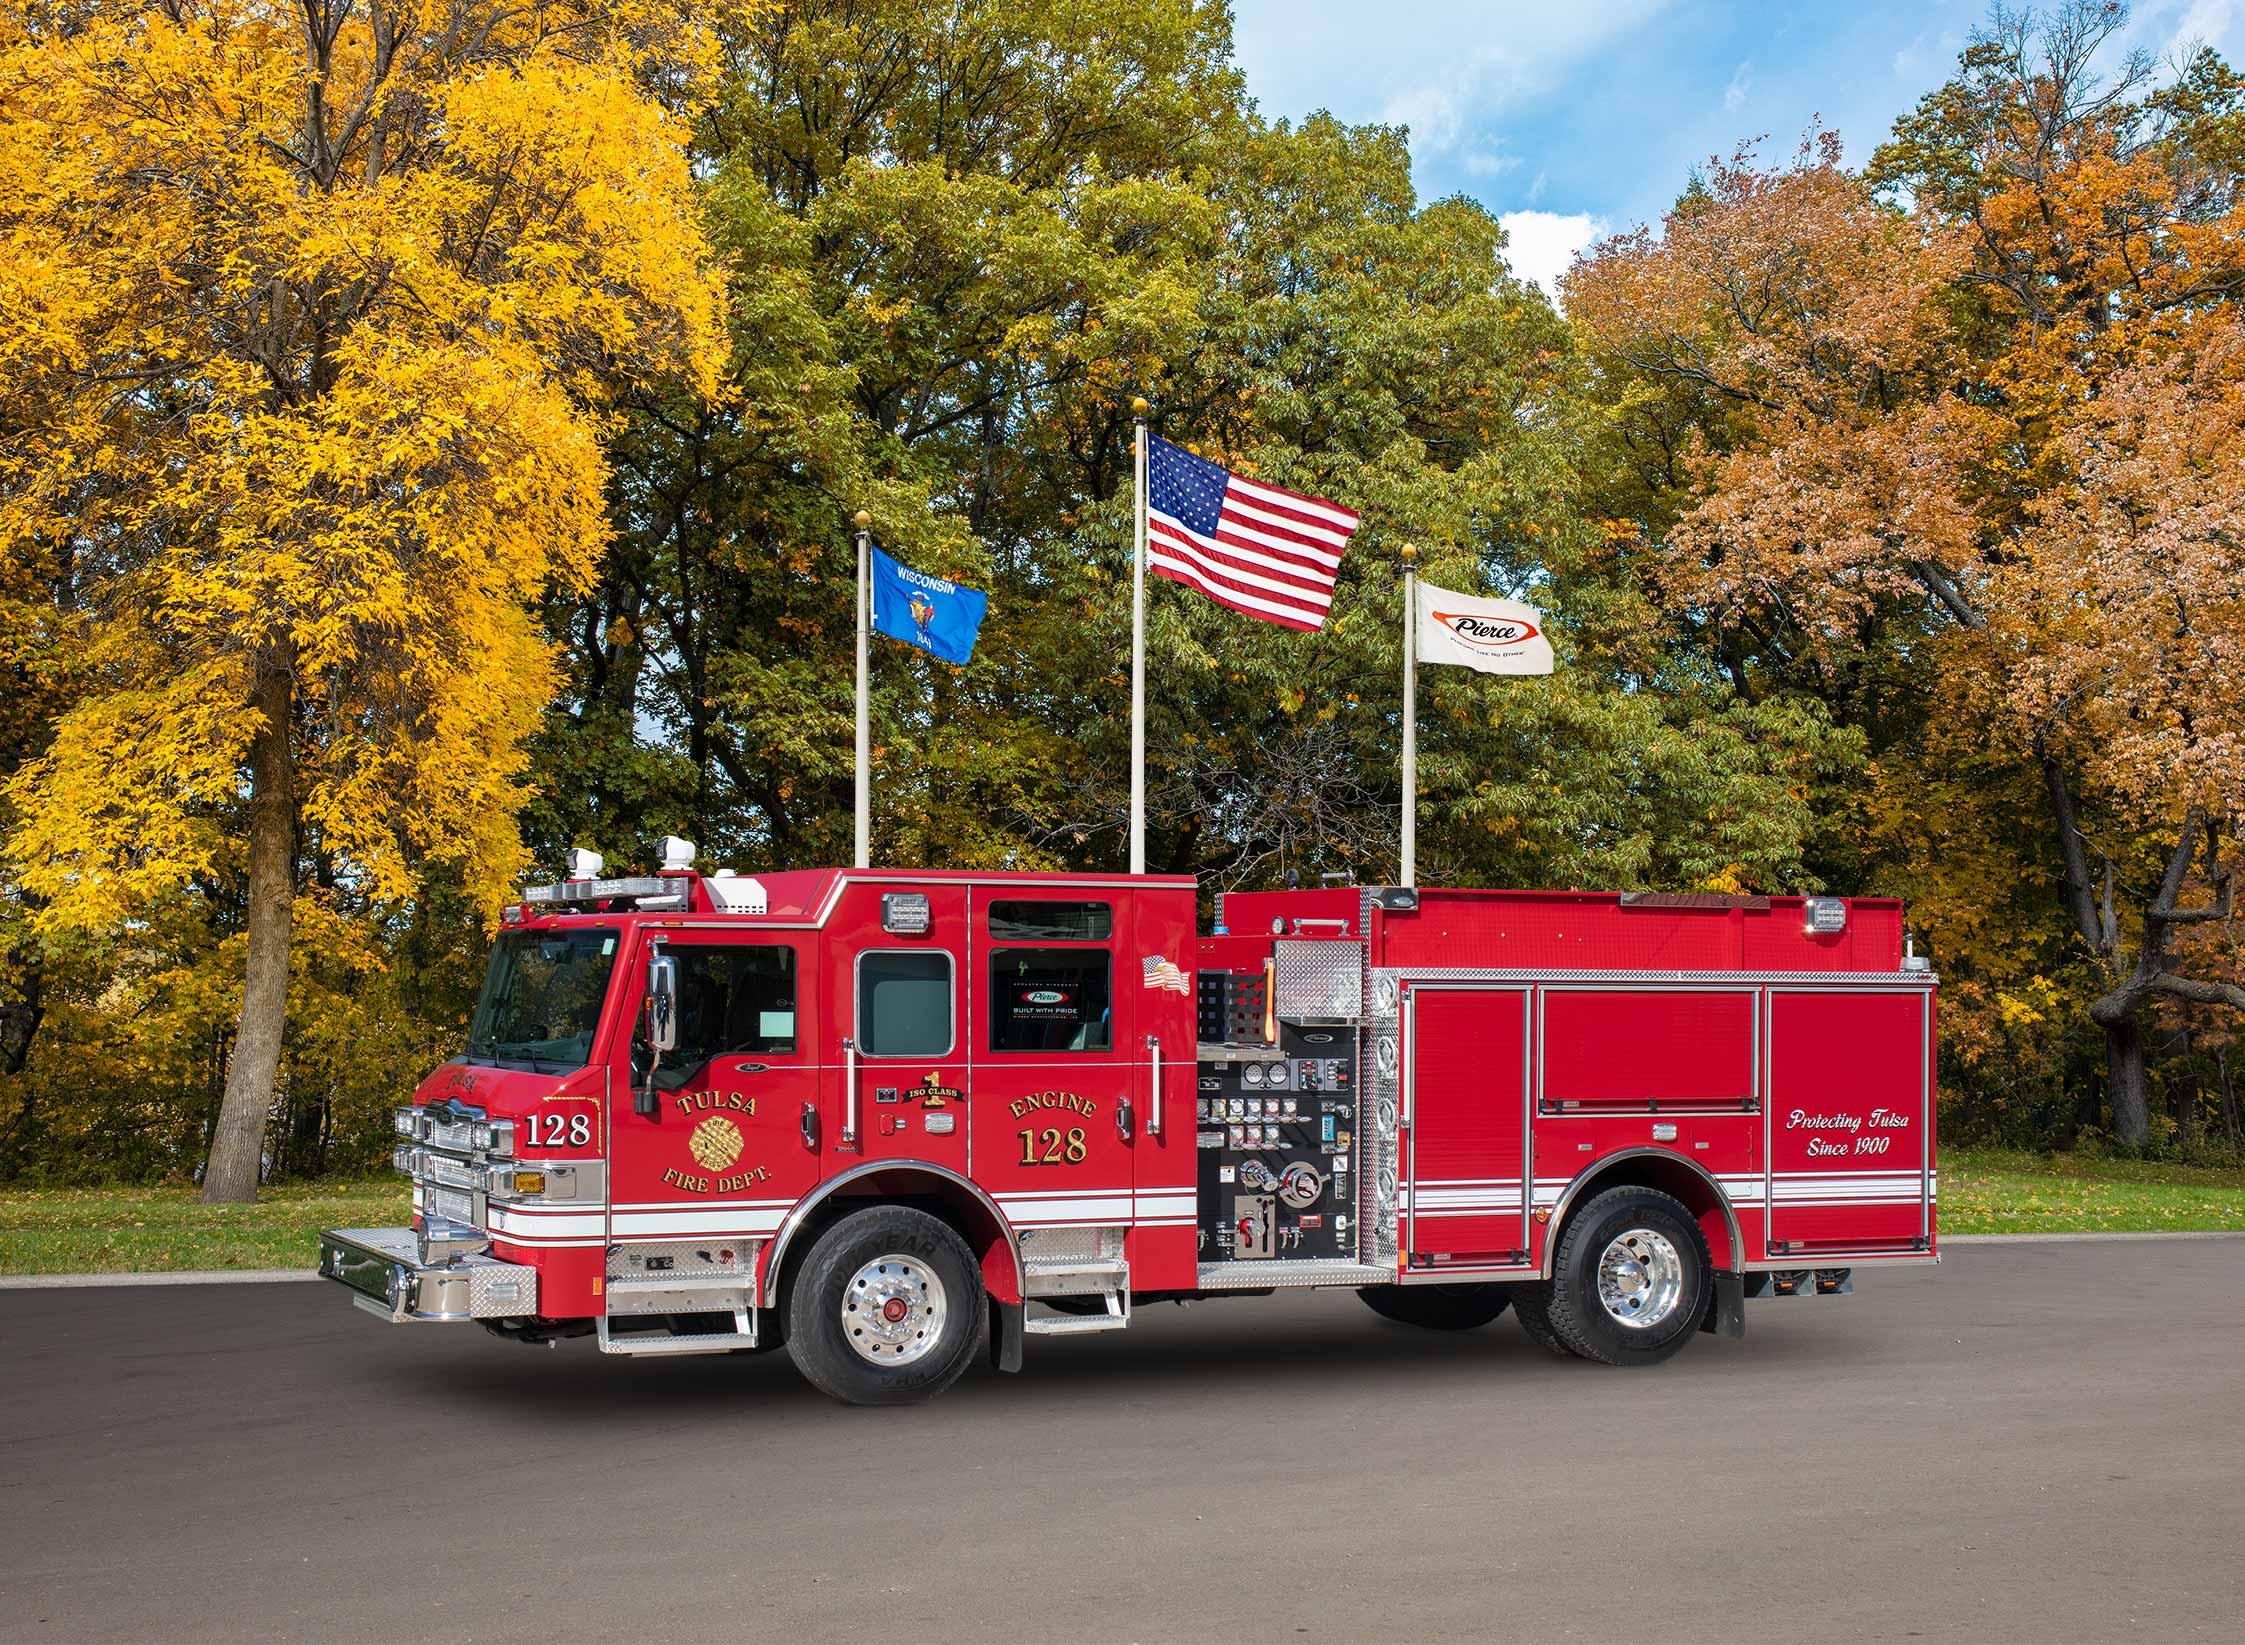 Tulsa Fire Department - Pumper